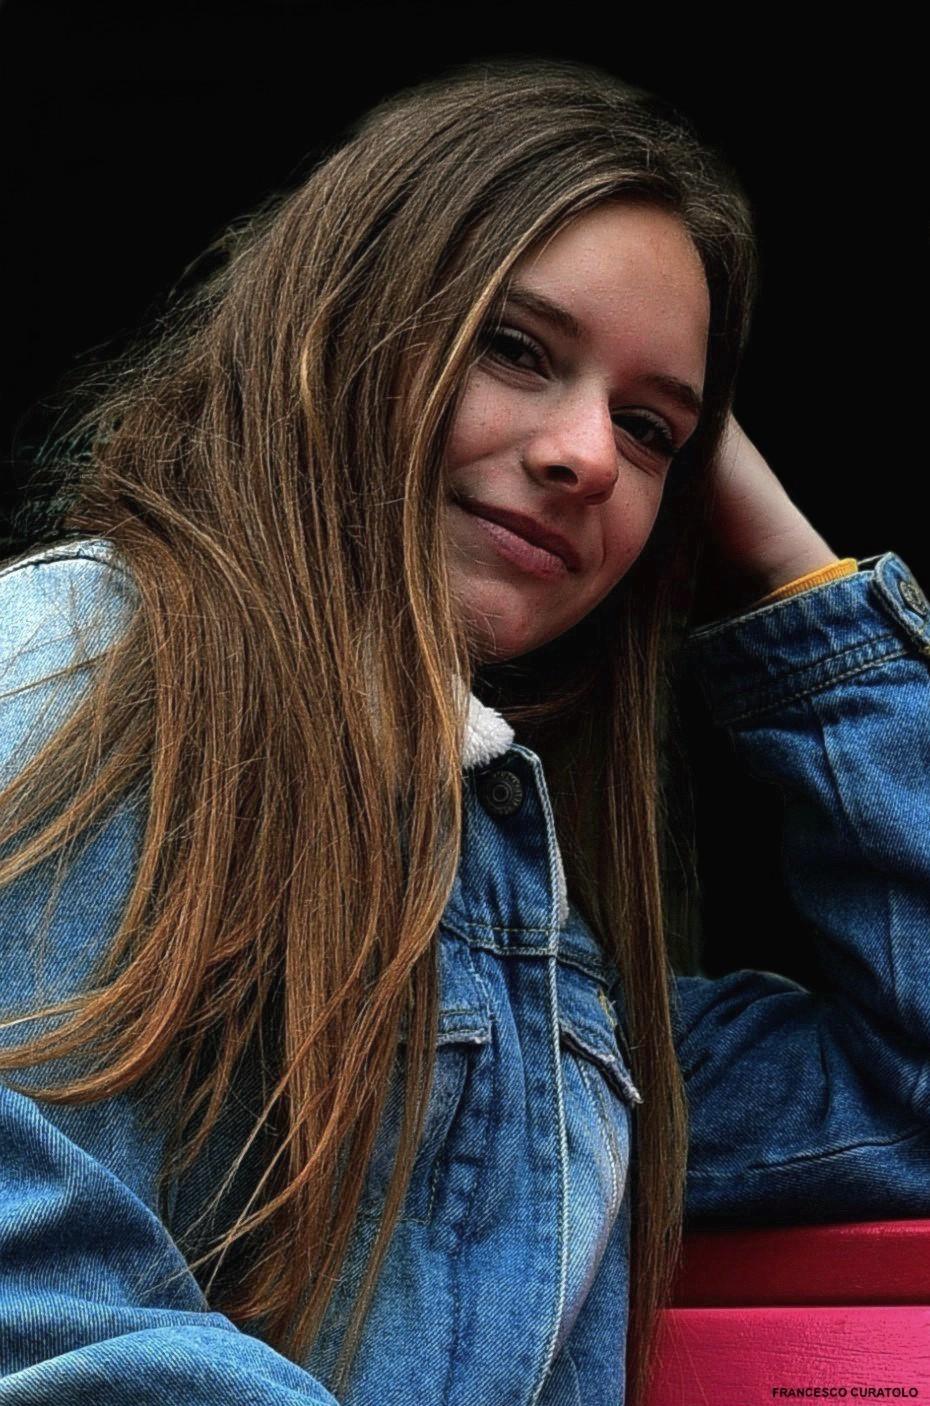 Alessia...